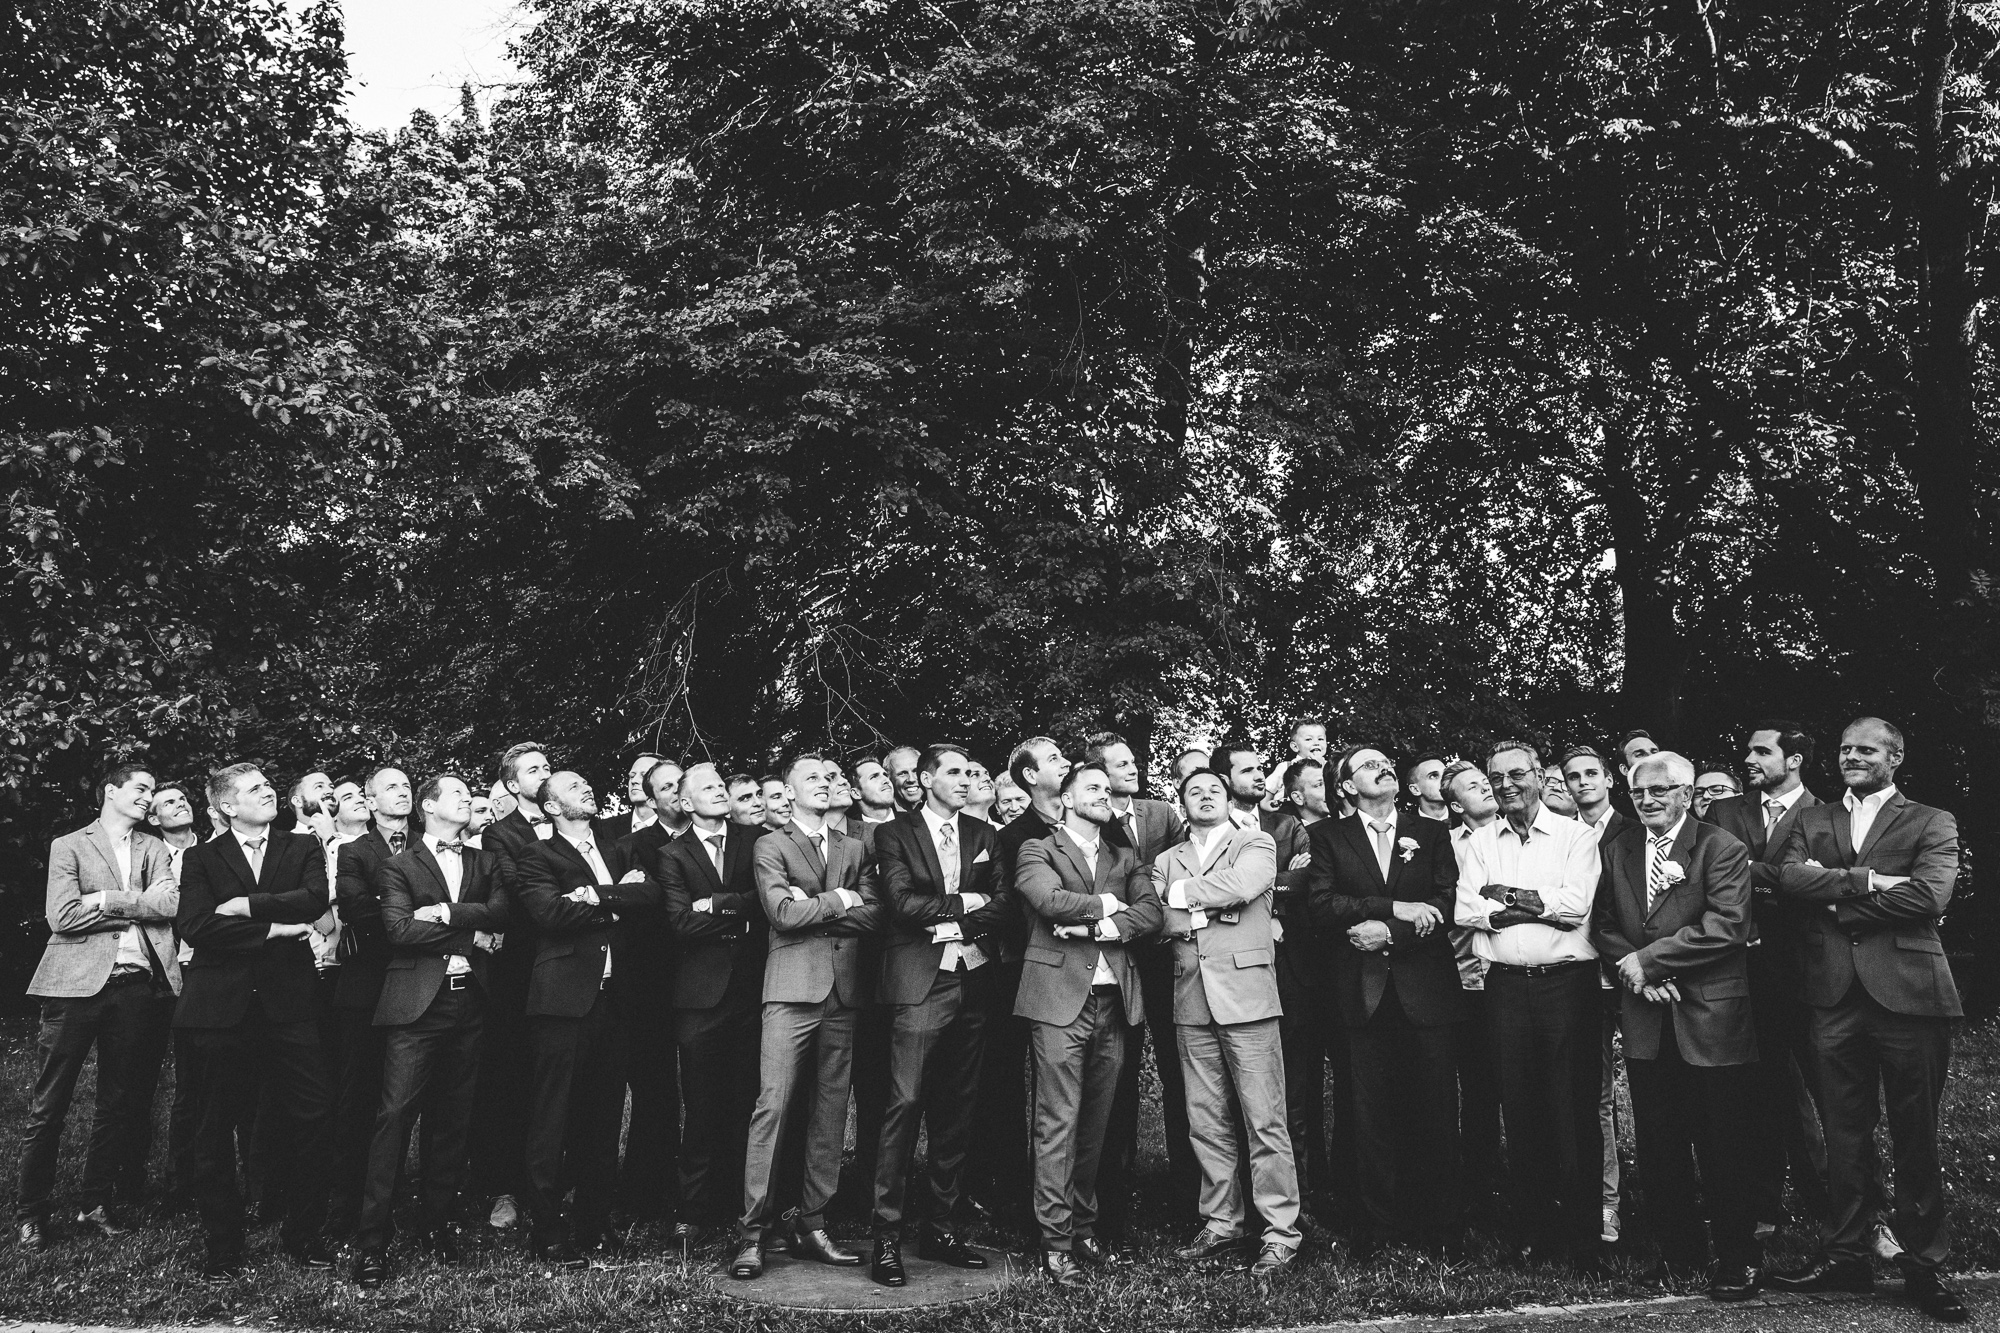 annethomas 364 - Hochzeit im wunderschönen Ladenburg in Eichenstolz